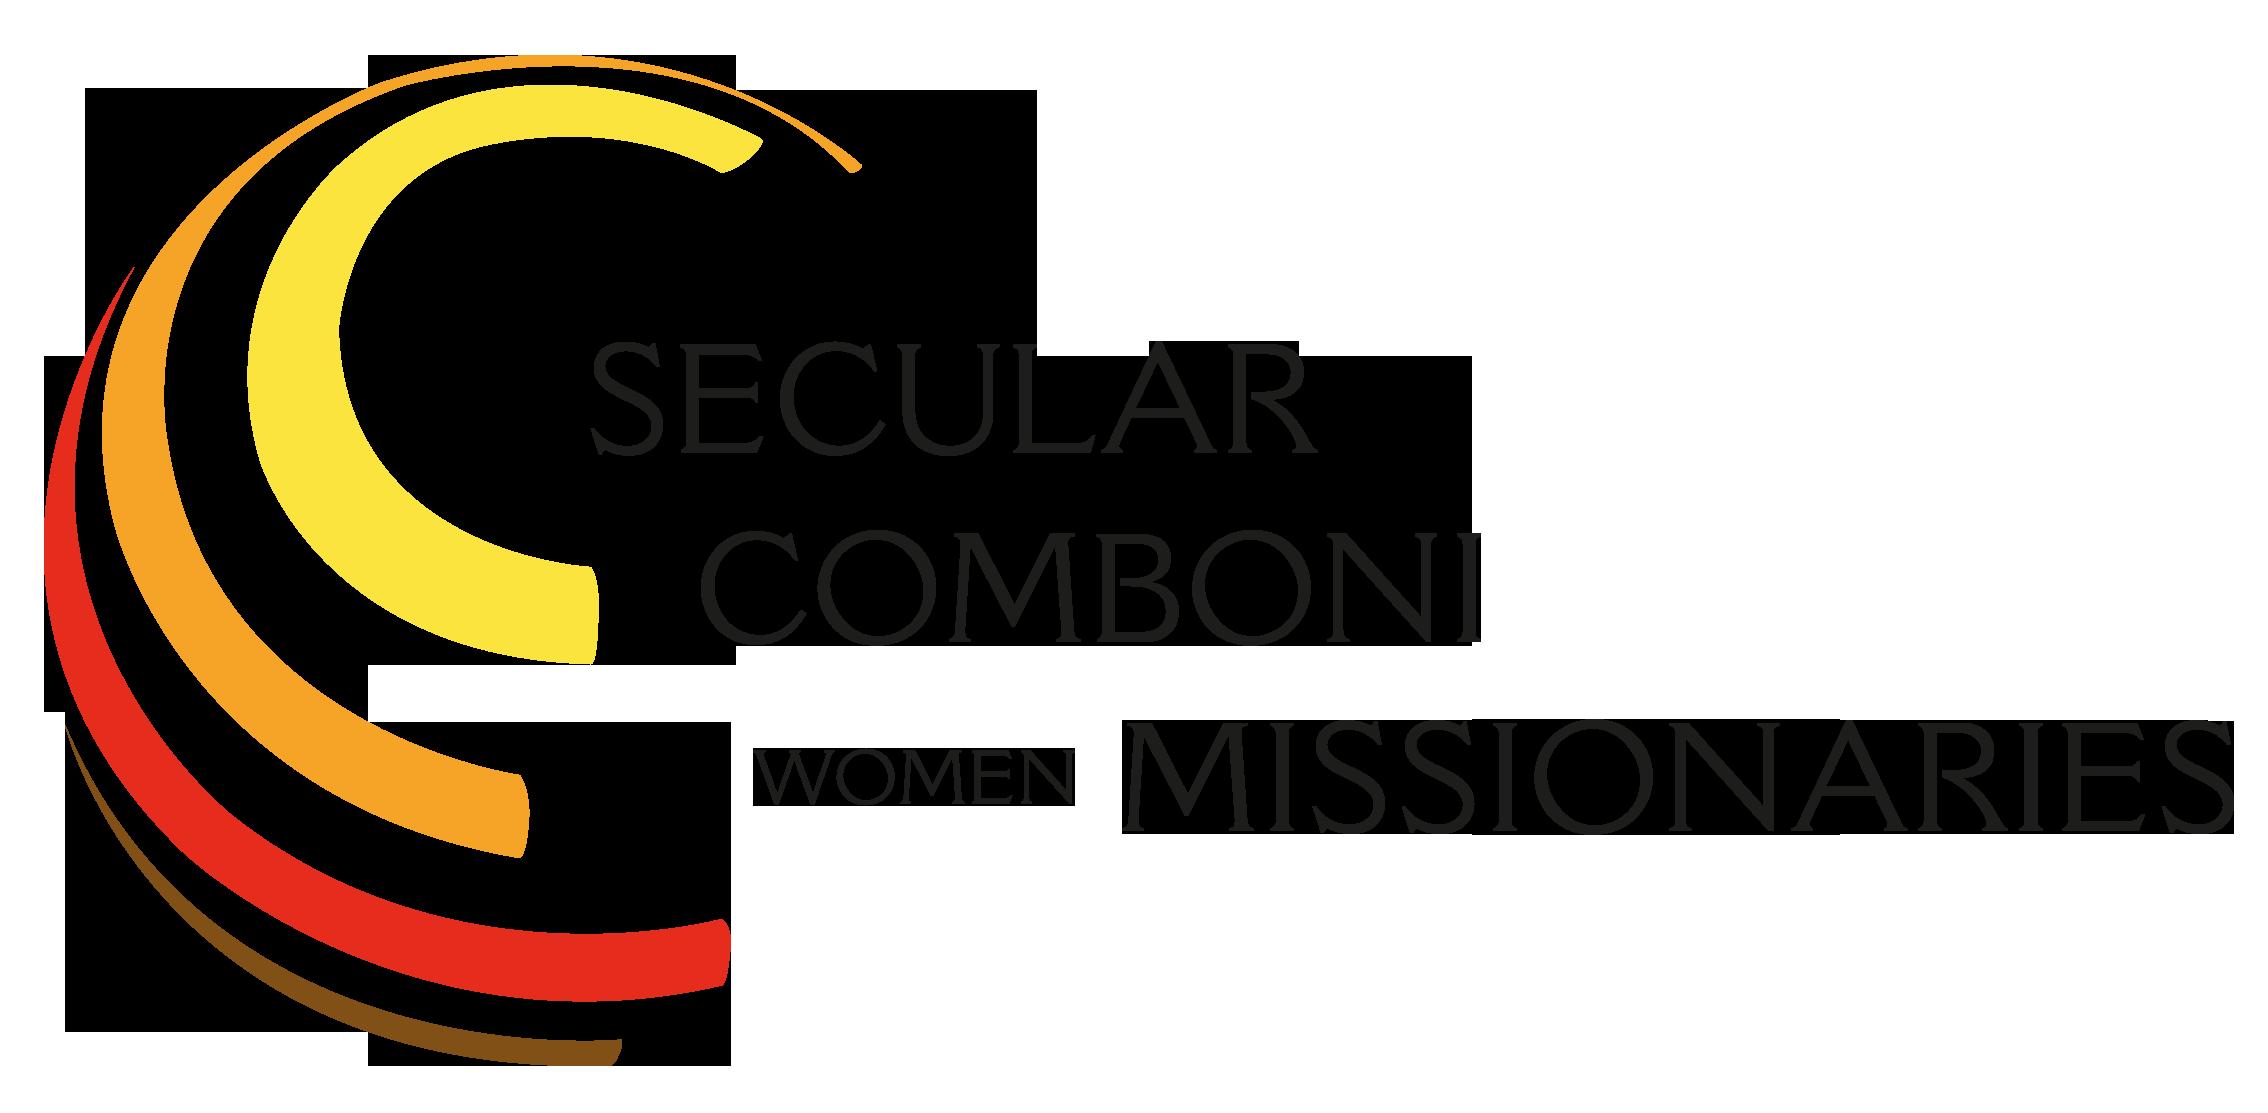 Missionarie Secolari Comboniane